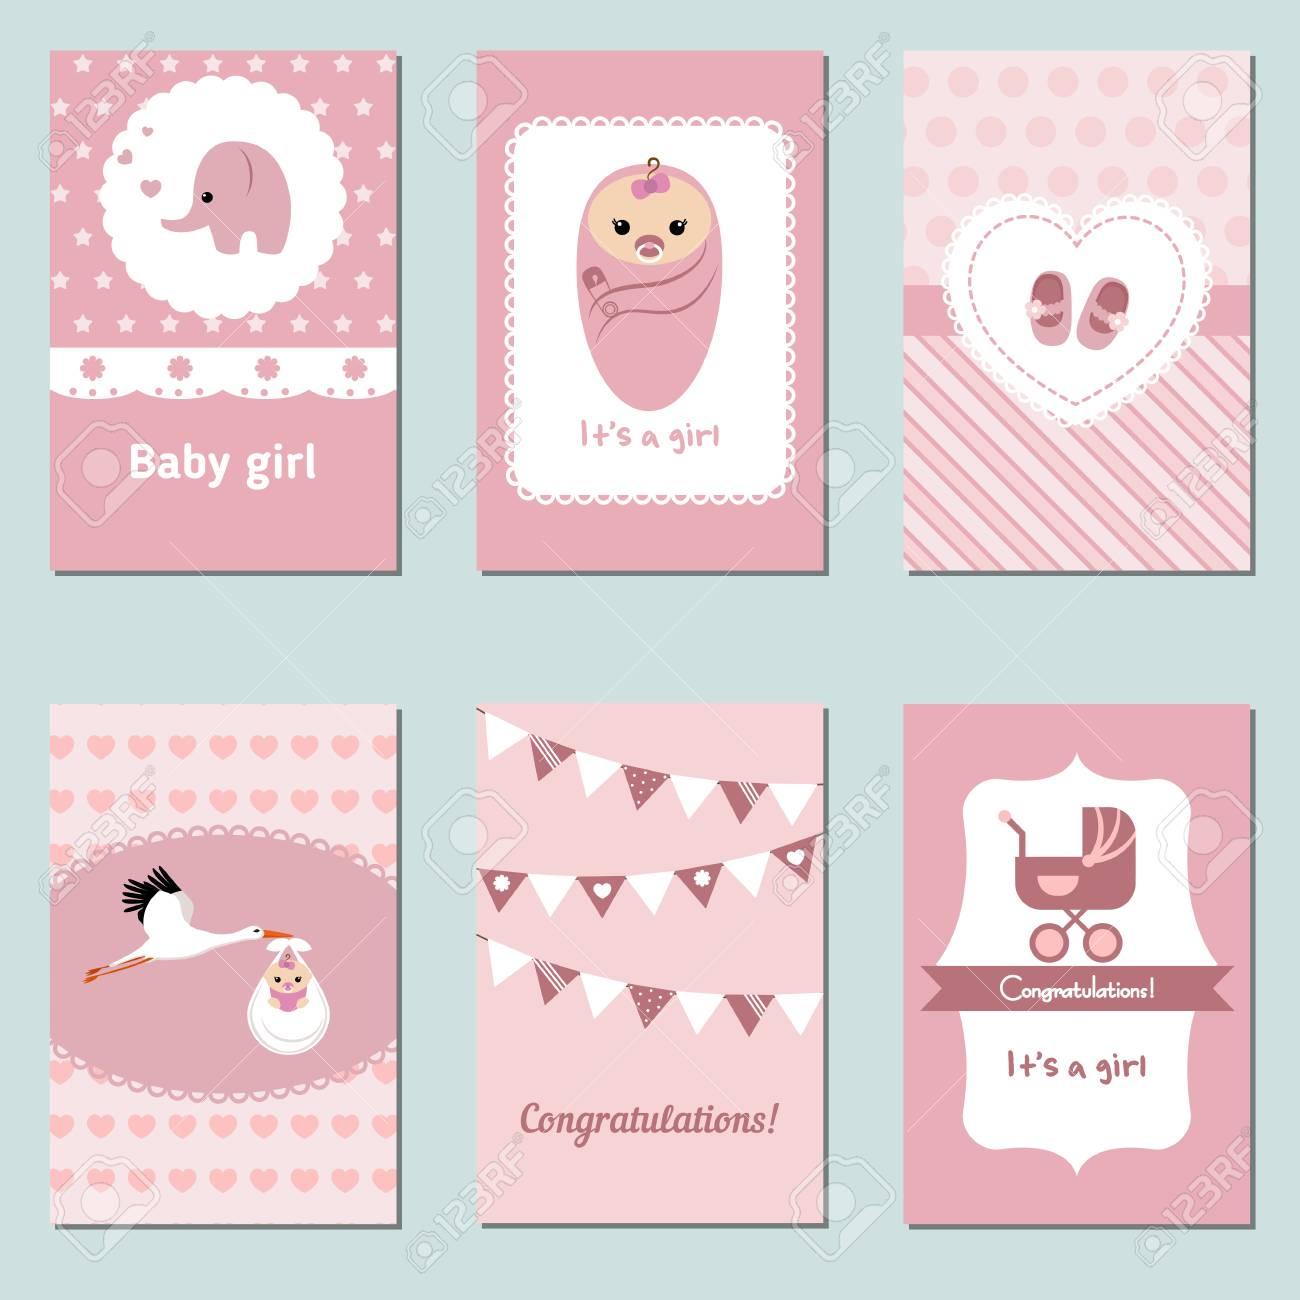 baby karte Satz Der Schönen Baby Karte Für Geburtstag, Babyparty, Party